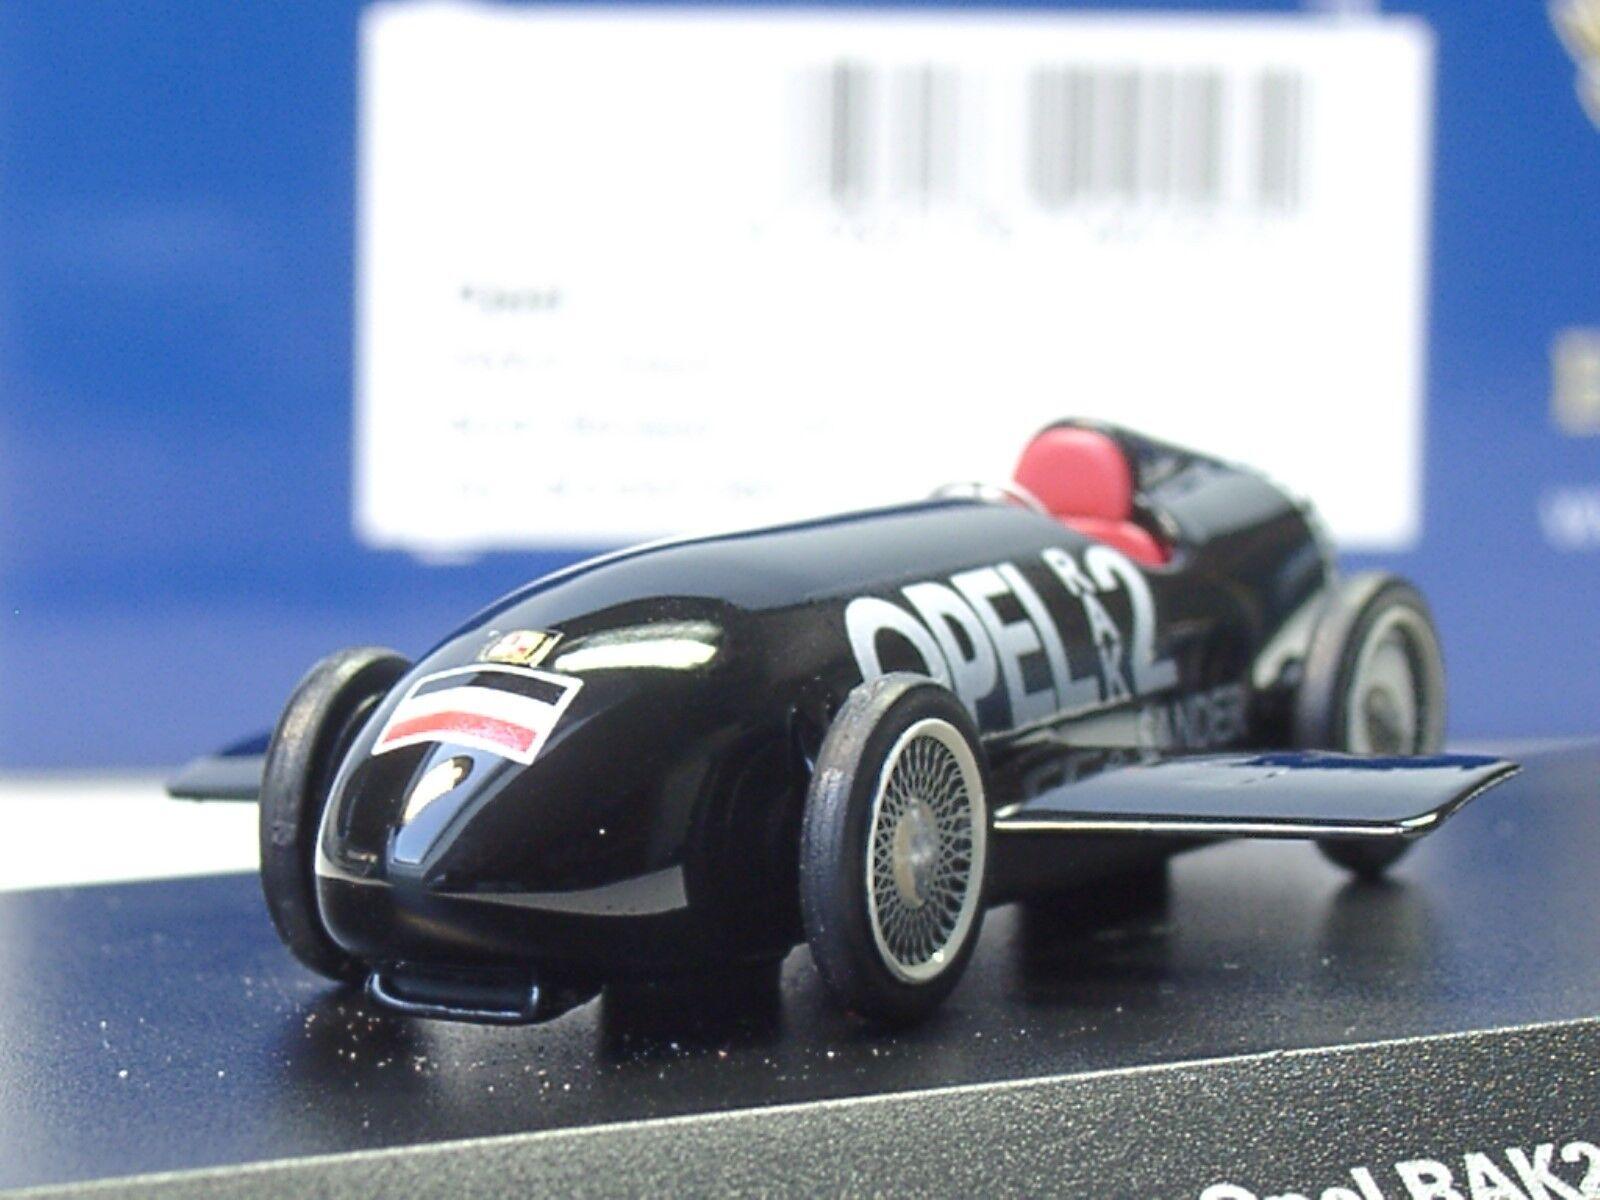 BoS Opel rak2, noir - 87380 - 1 87